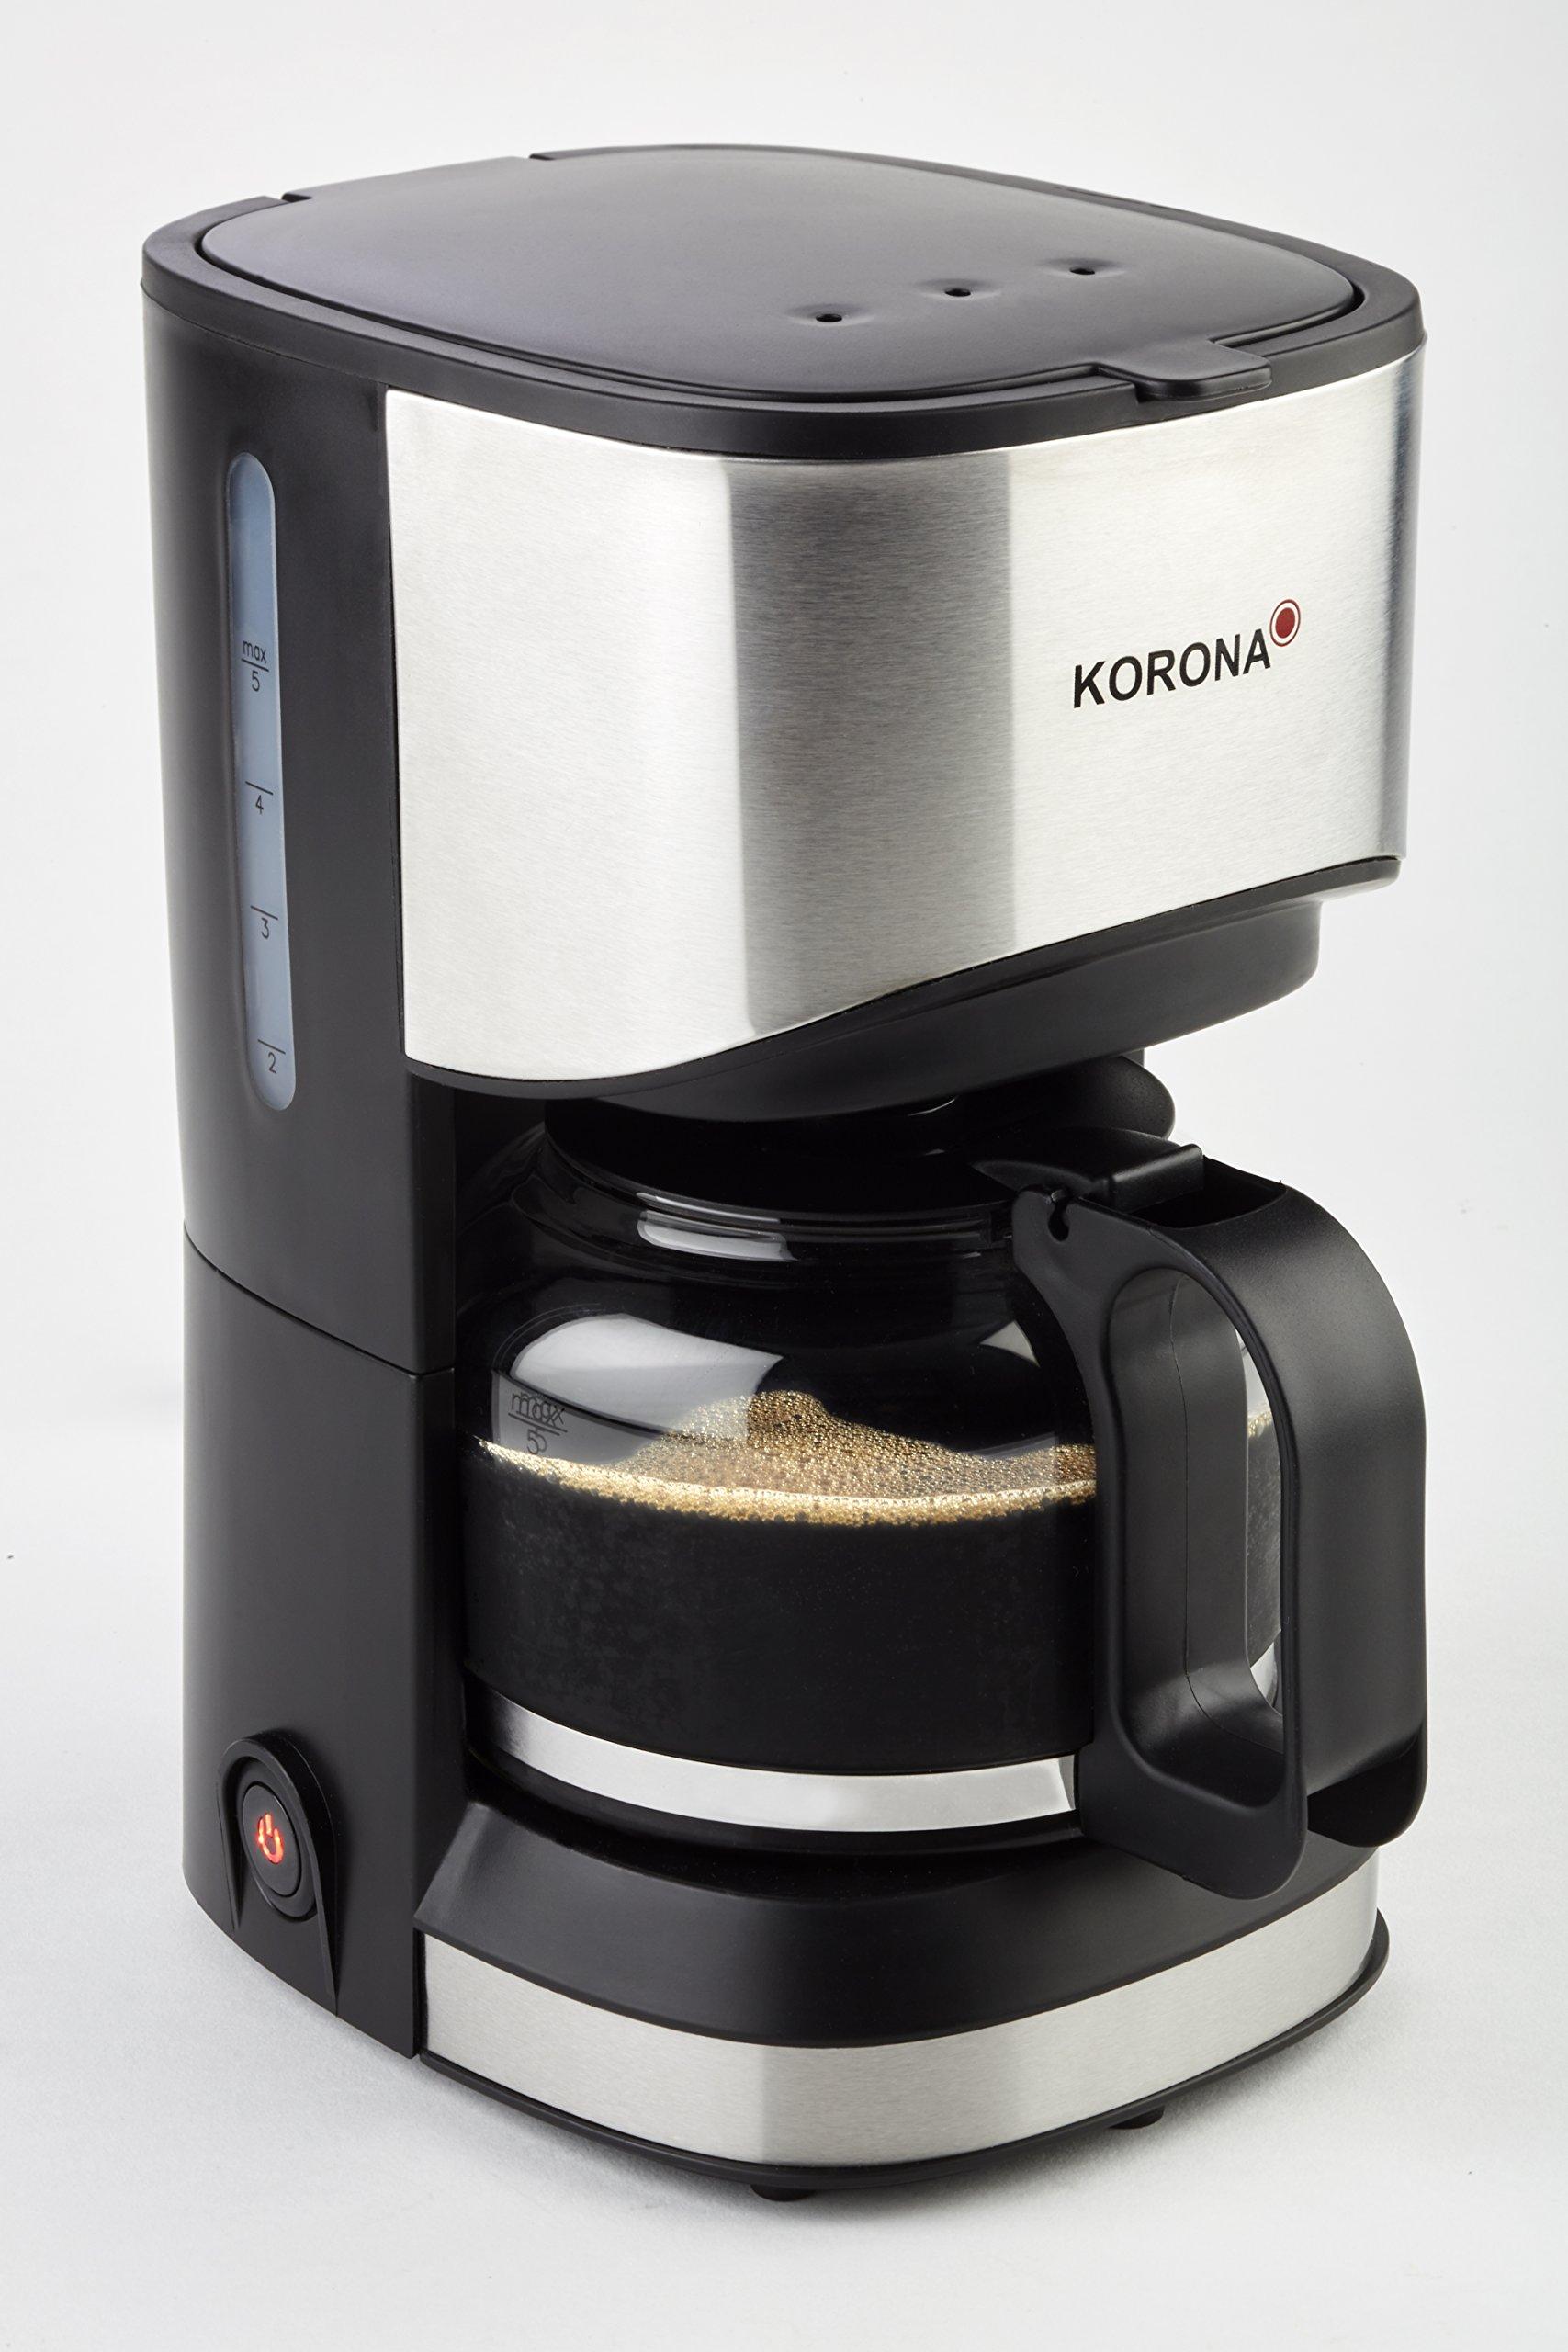 Korona 12015 - Cafetera (Independiente, Máquina de café en cápsulas, 0,7 L, De café molido, 550 W, Negro, Acero inoxidable): Amazon.es: Hogar